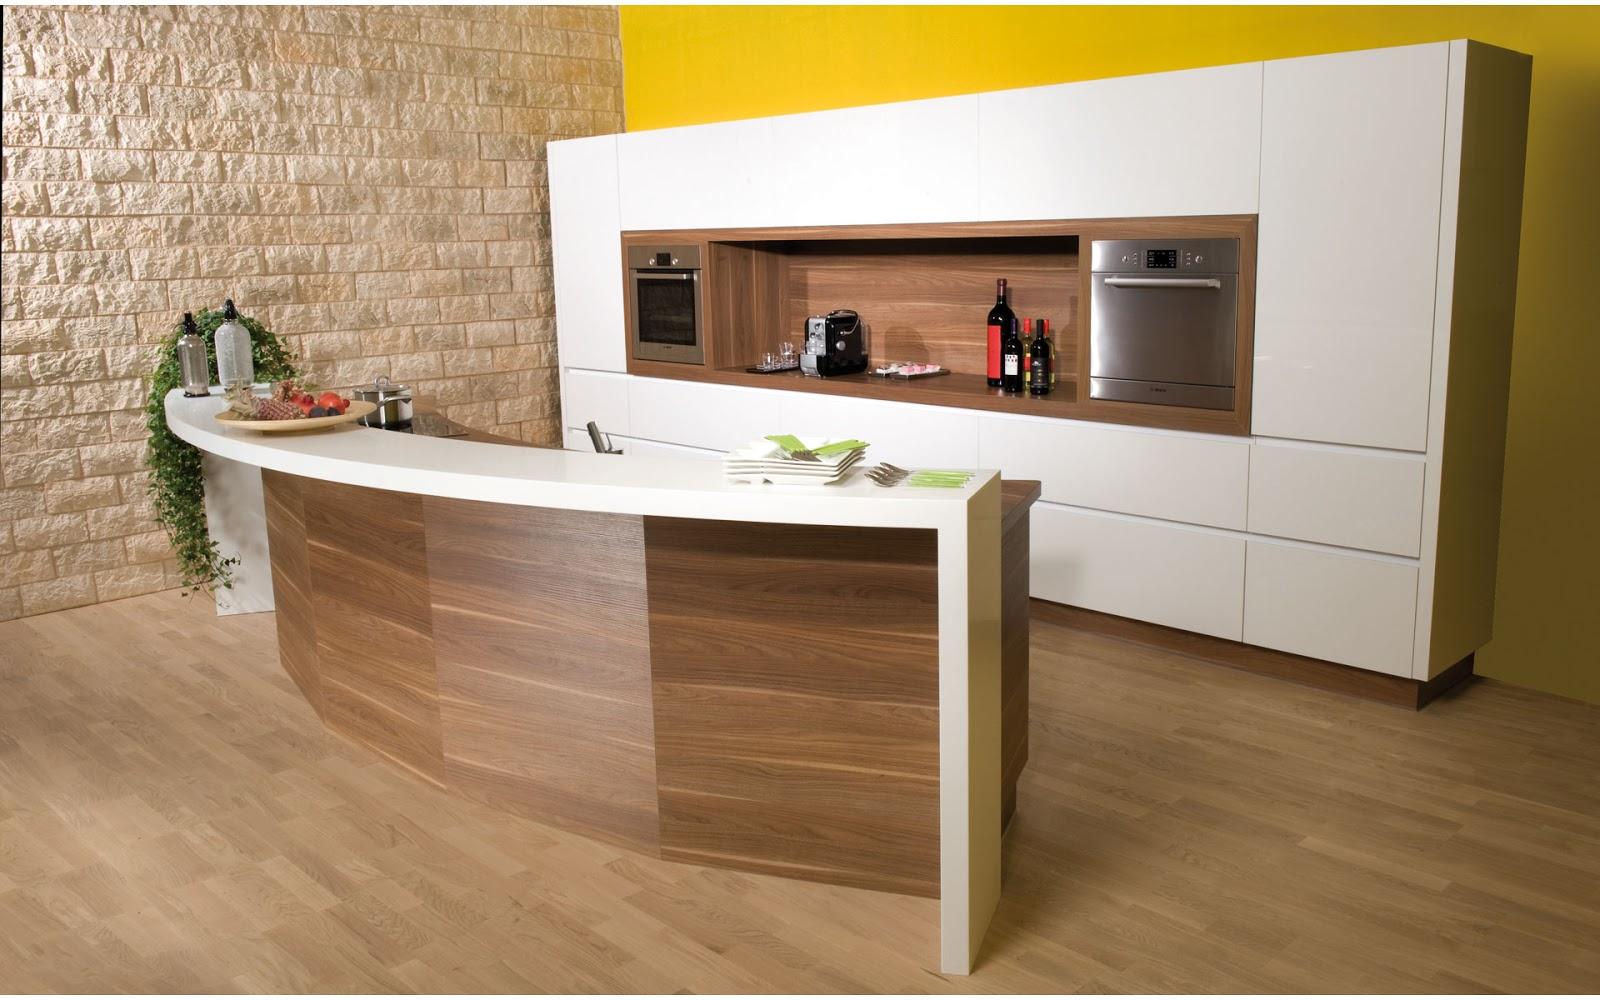 30 ideas de mesas y barras para comer en la cocina for Cocinetas de madera pequenas